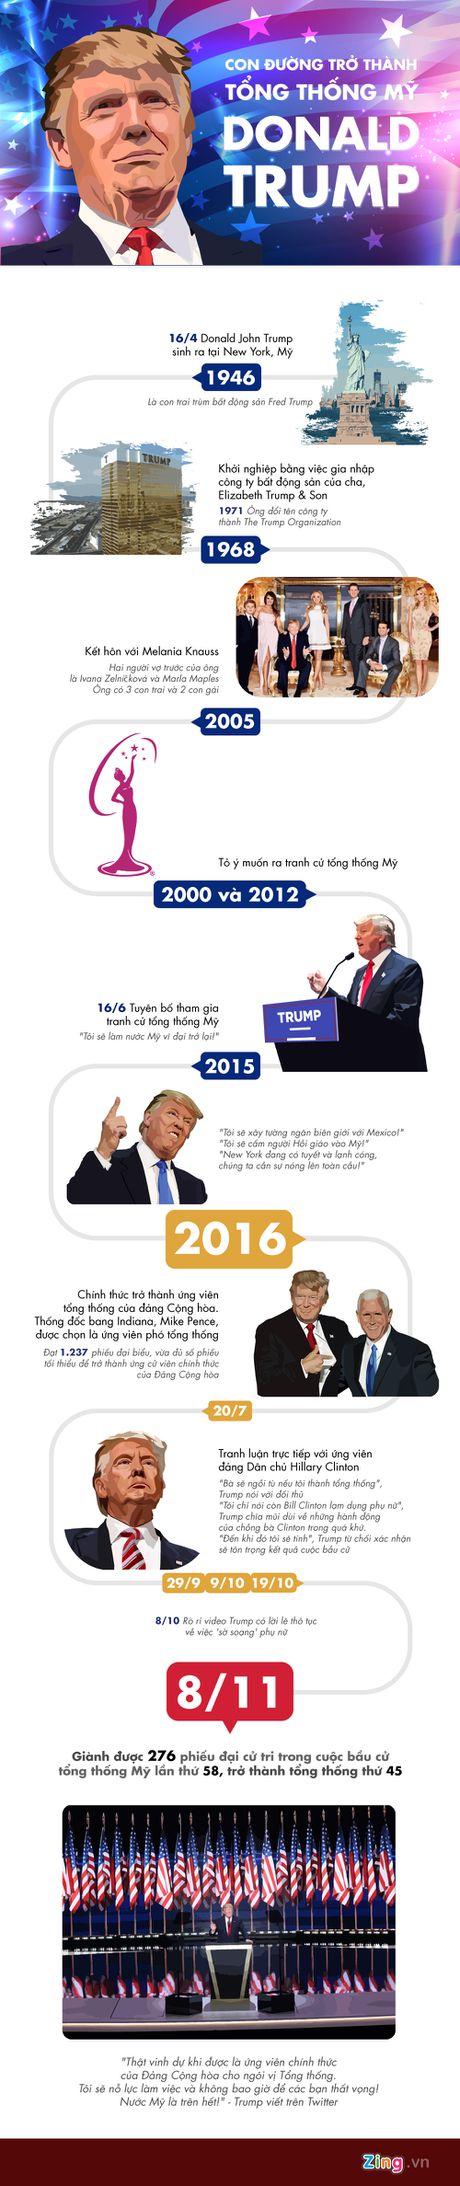 Hanh trinh tro thanh tong thong My thu 45 cua Donald Trump - Anh 1